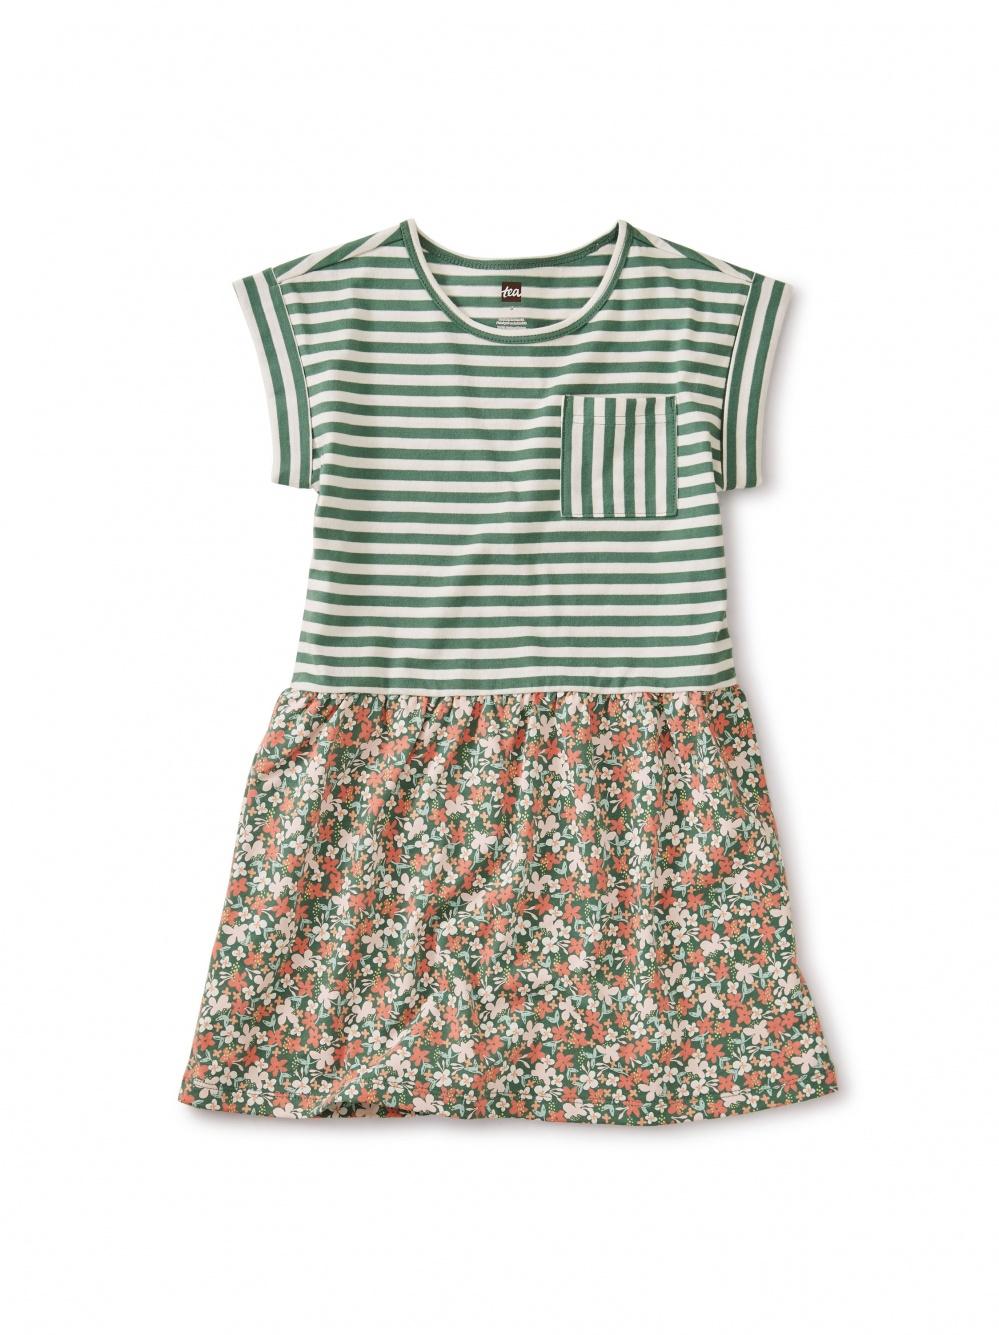 Print Mix Cuff Sleeve Dress